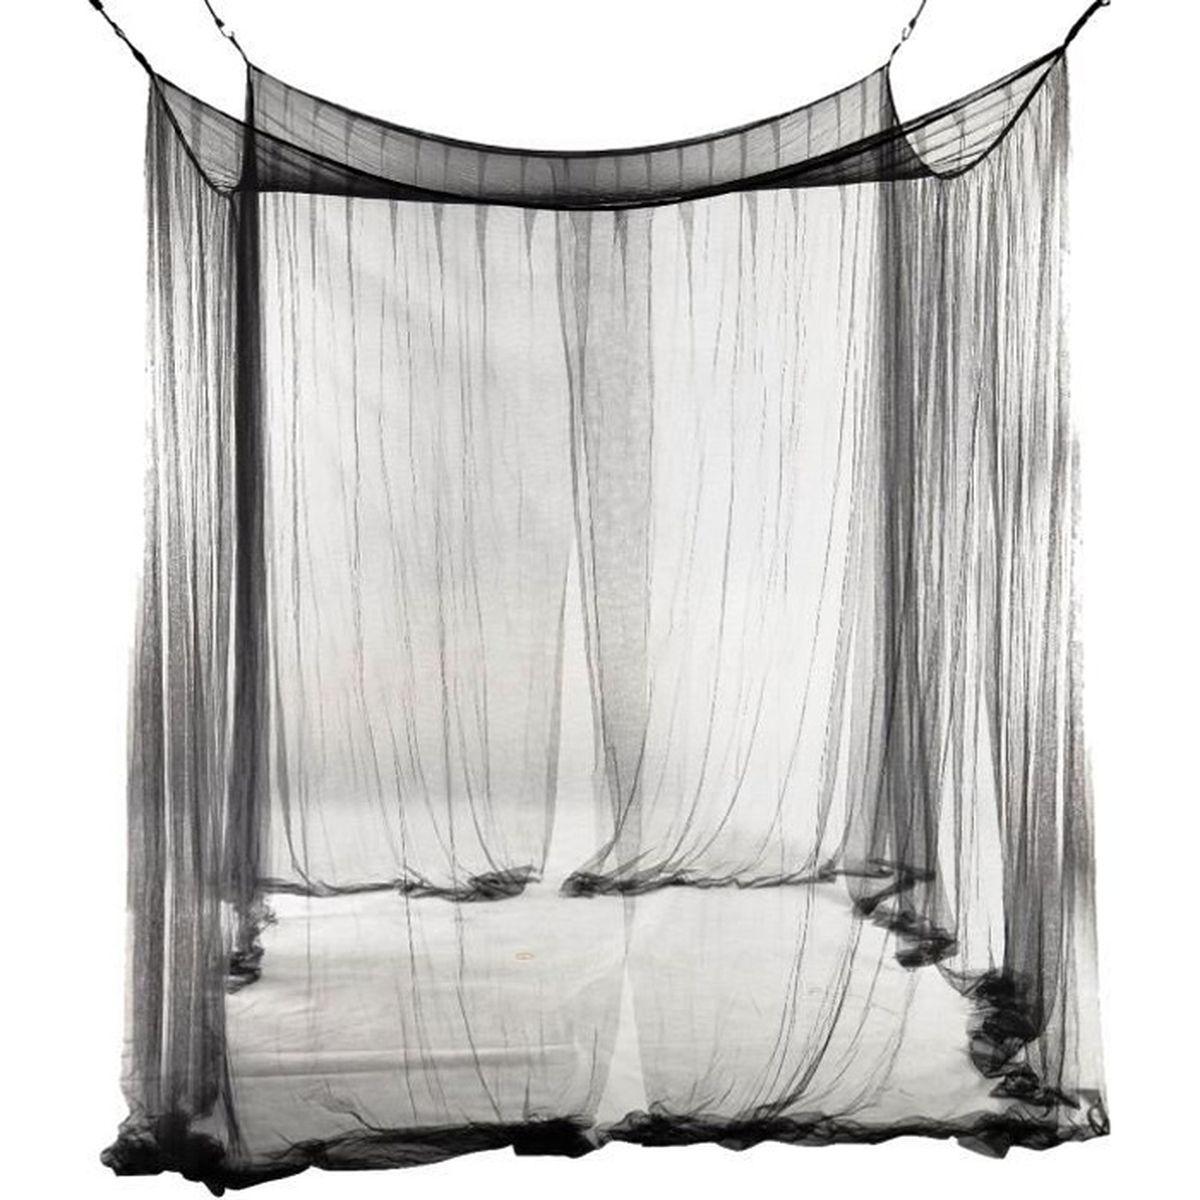 moustiquaire de lit 4 coins achat vente moustiquaire de lit 4 coins pas cher cdiscount. Black Bedroom Furniture Sets. Home Design Ideas